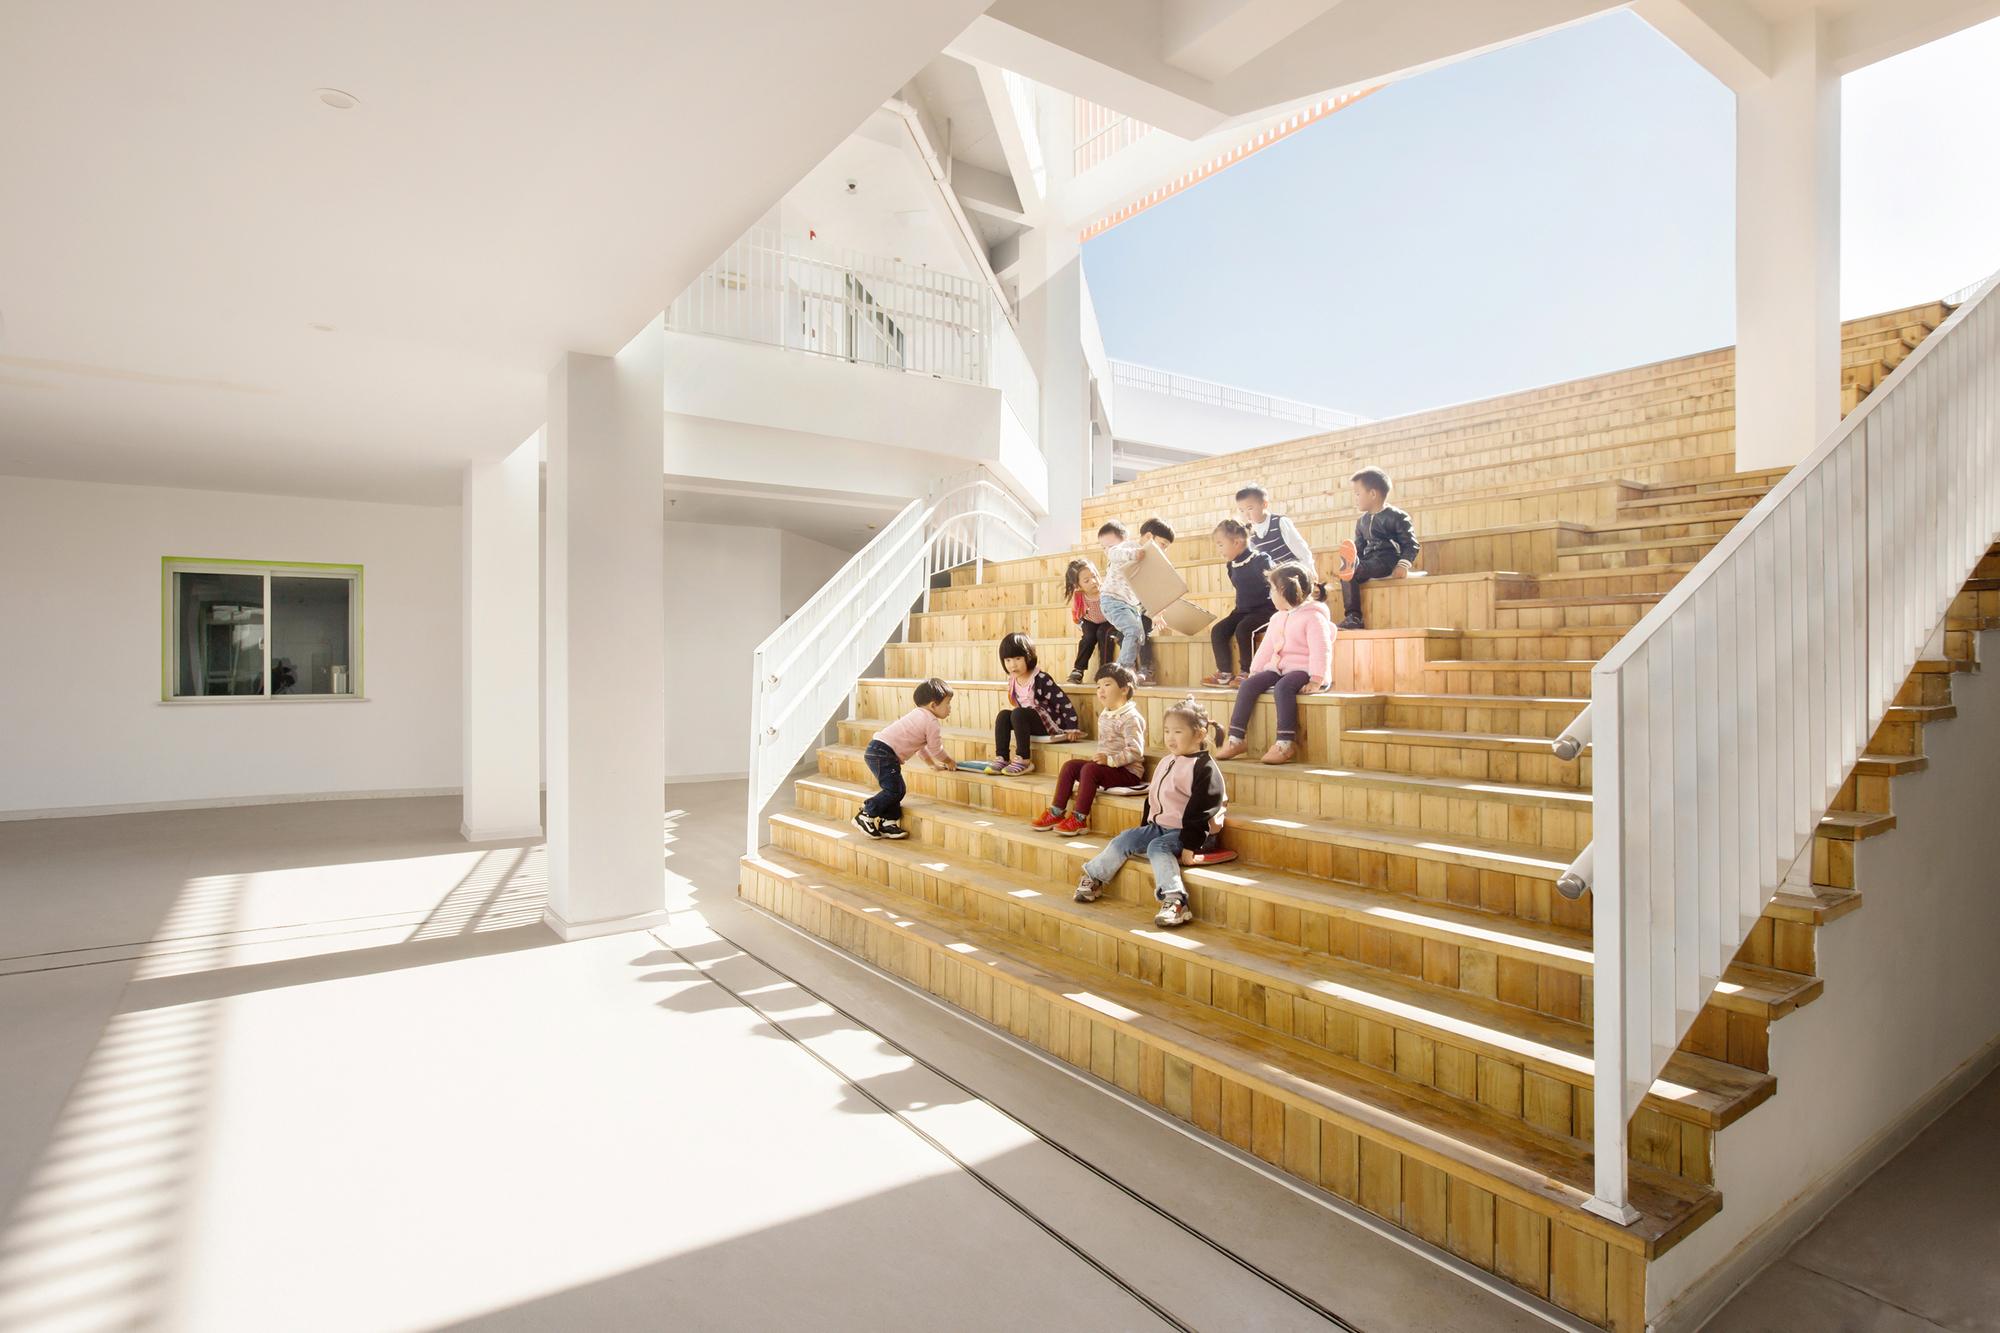 Kinder Garden: Sanhuan Kindergarten / Perform Design Studio